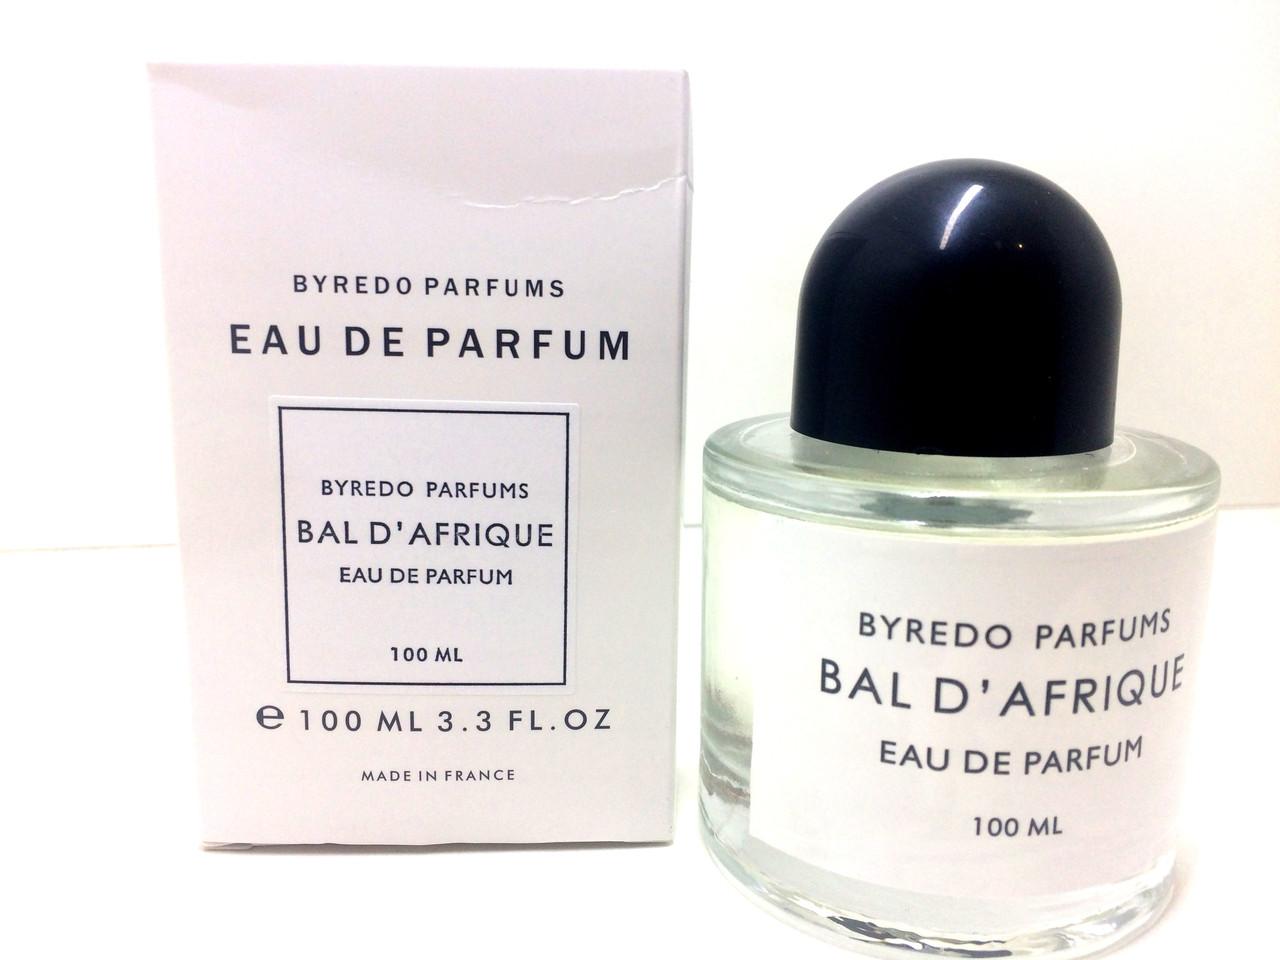 Парфюмированная вода унисекс Byredo Parfums BAL D'AFRIQUE Eau de parfum 100 мл